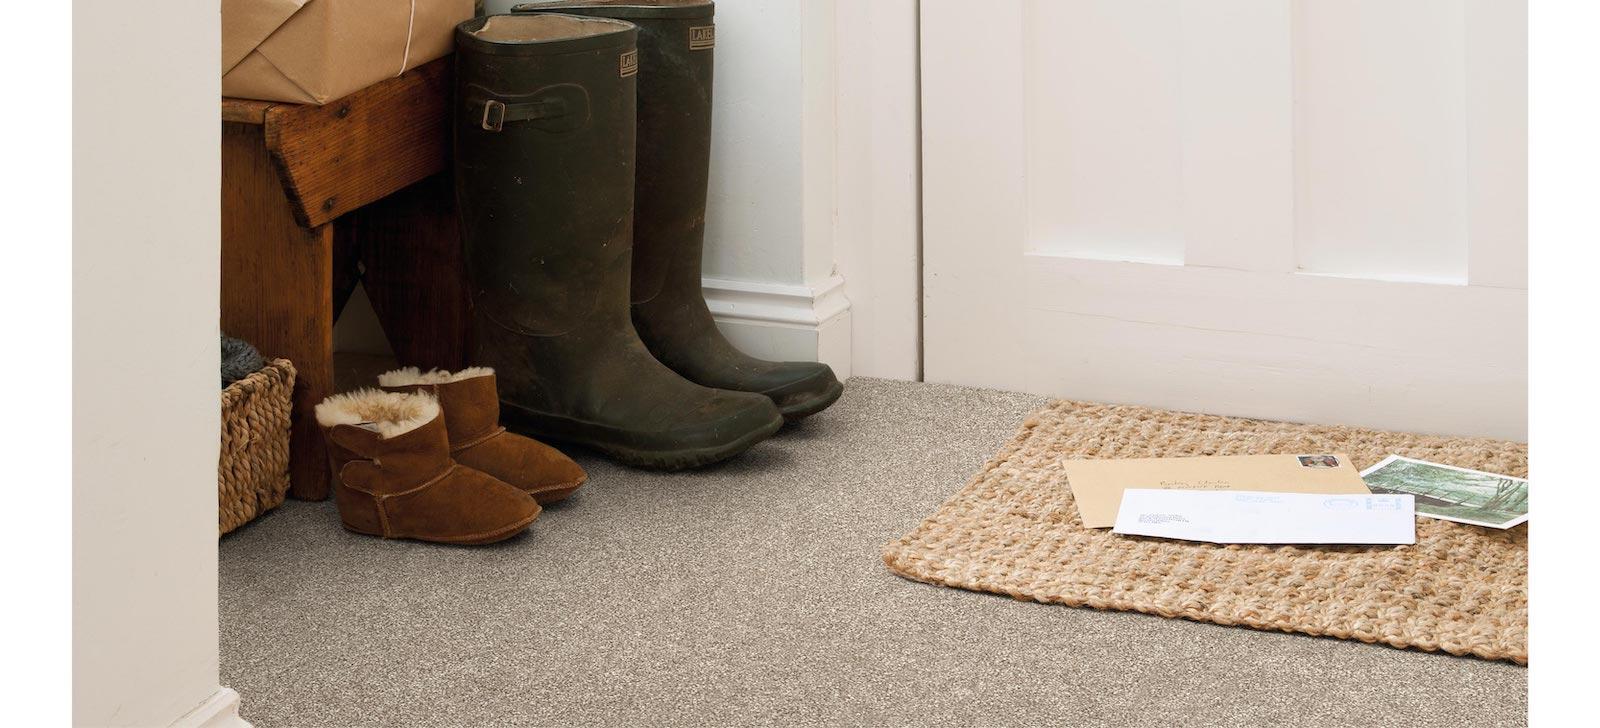 boots next to hallway doormat